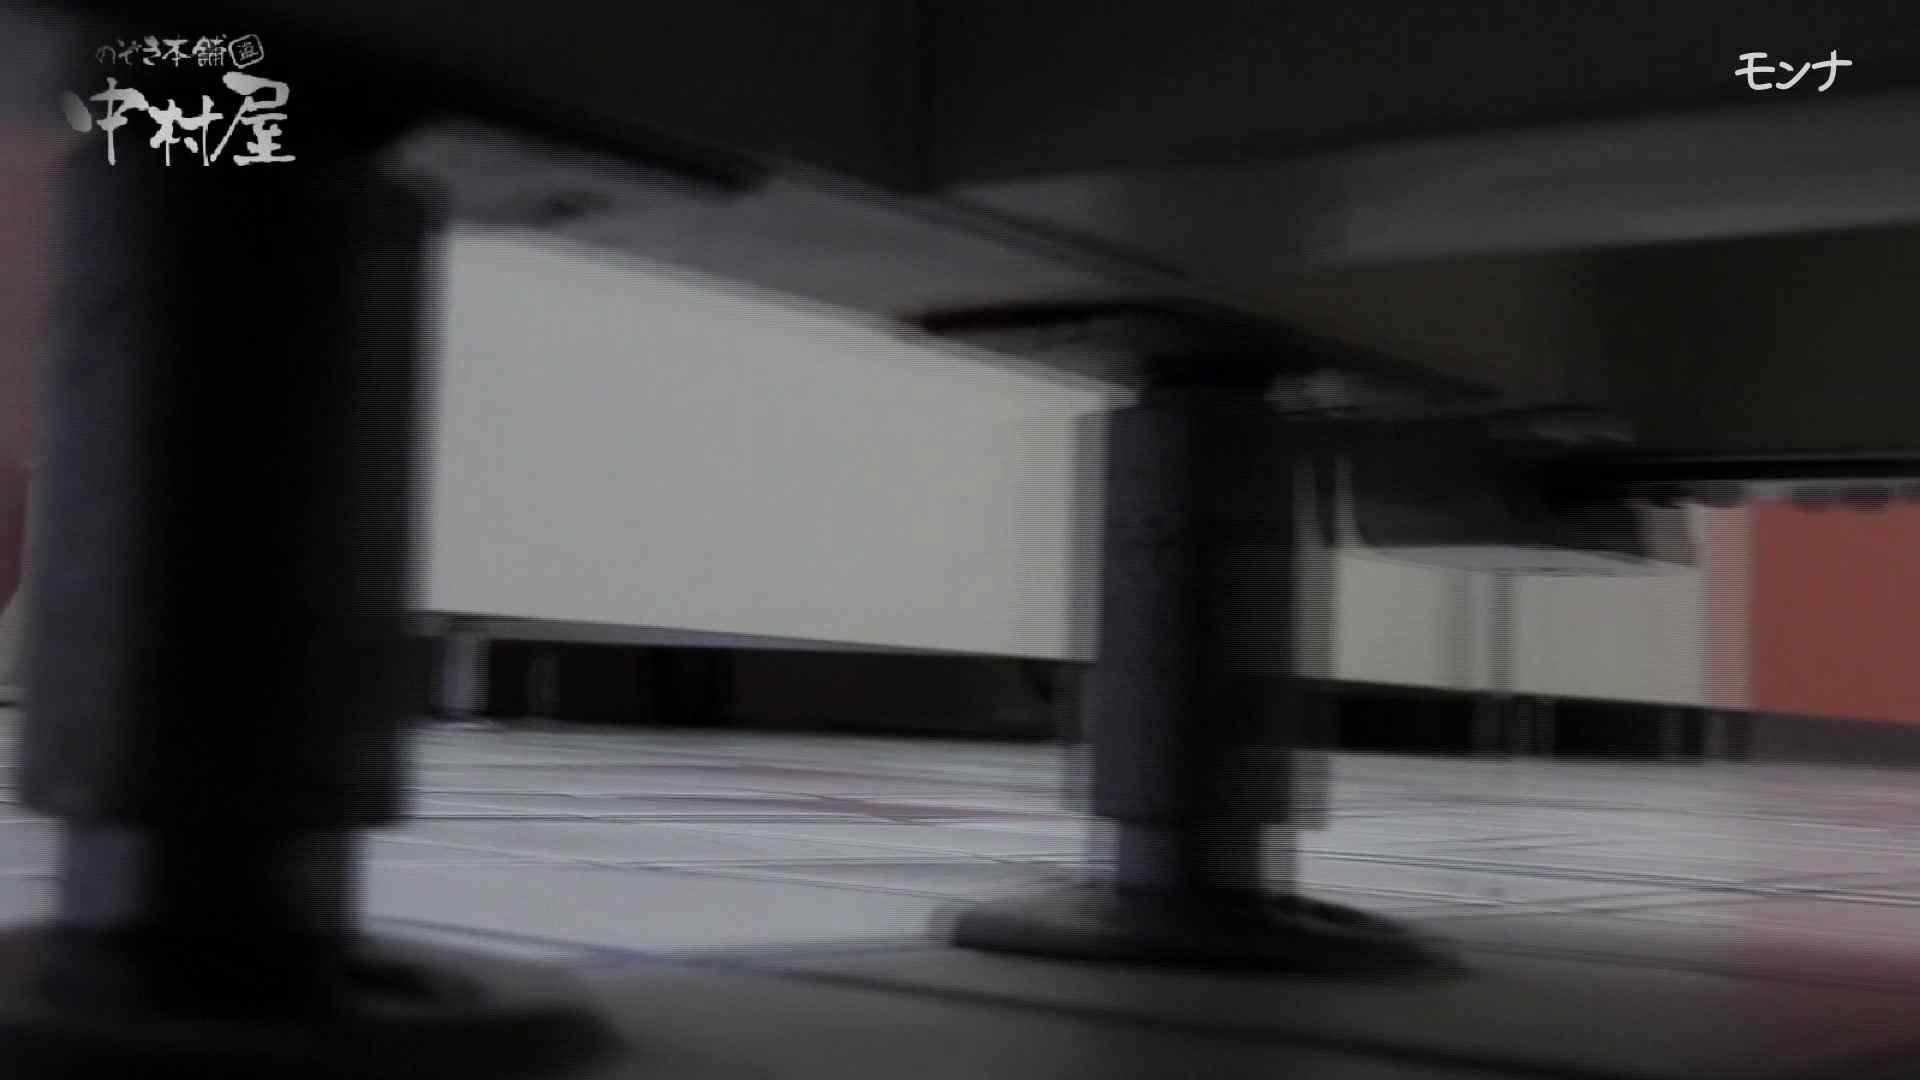 美しい日本の未来 No.49 何があった?カメラ持ちながらみんなの前に!潜り抜け 後編 覗き えろ無修正画像 79pic 49